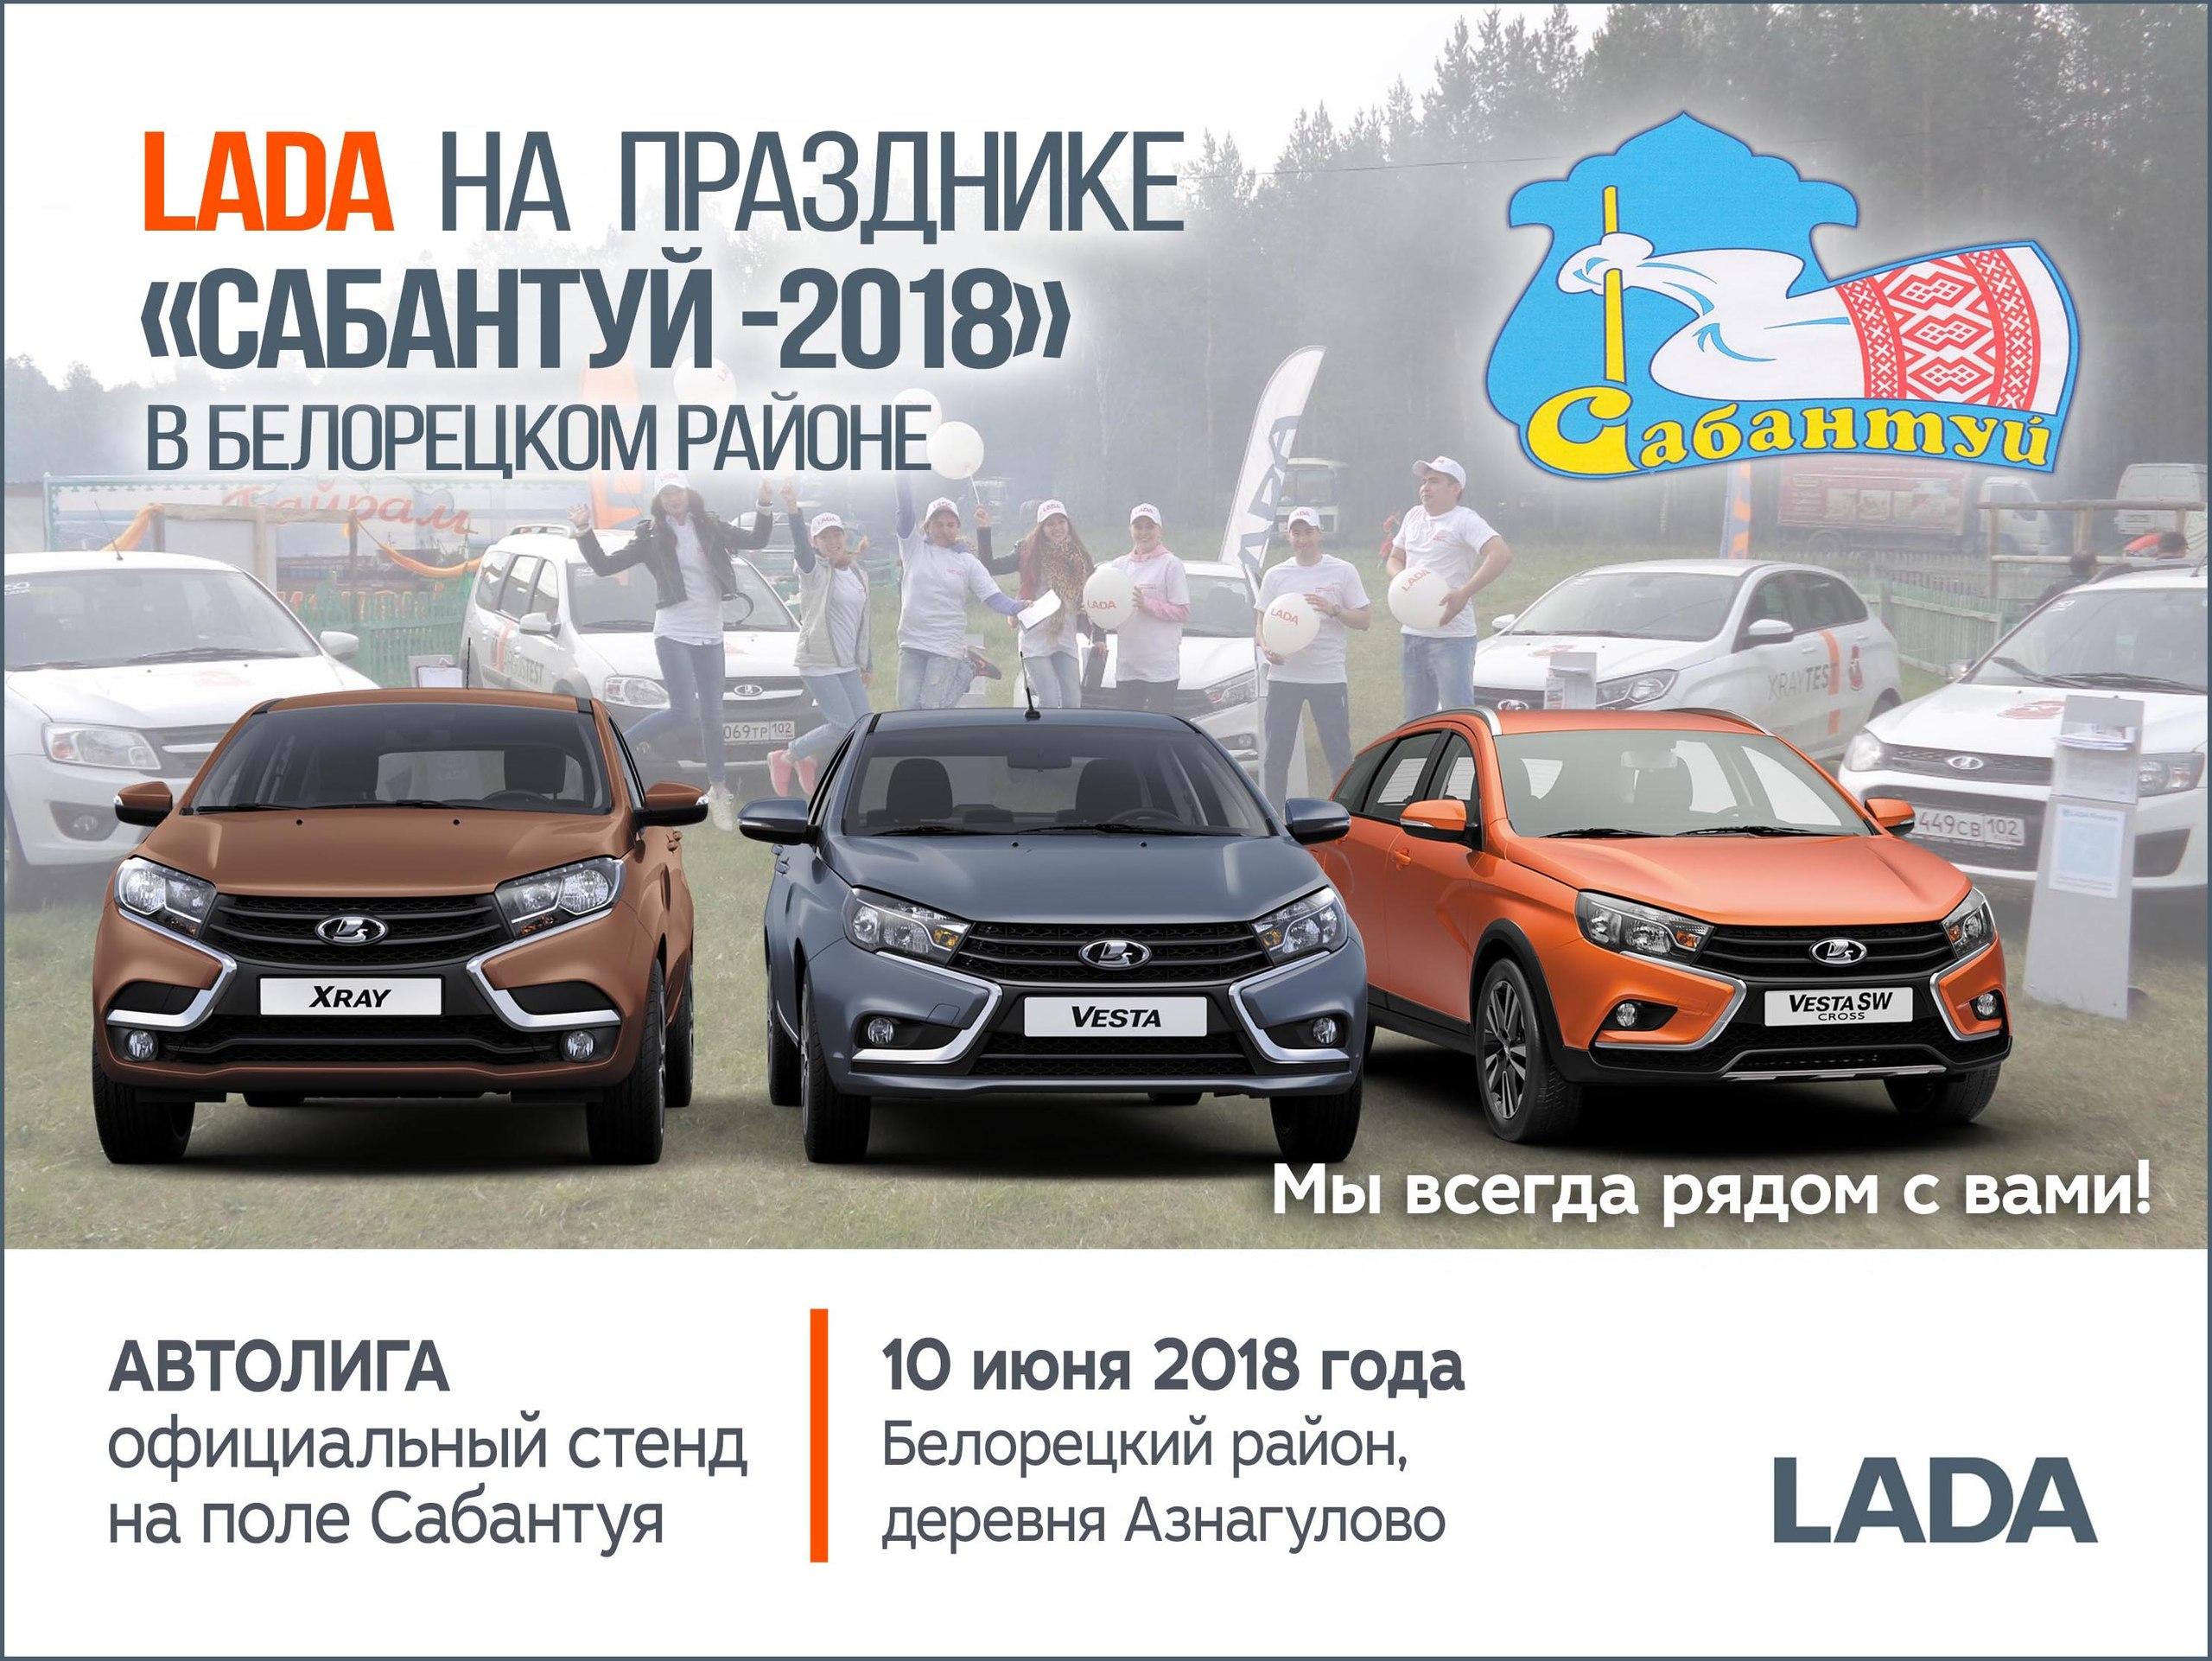 АНОНС:   LADA  примет участие в  празднике ''Сабантуй'' в Белорецком районе